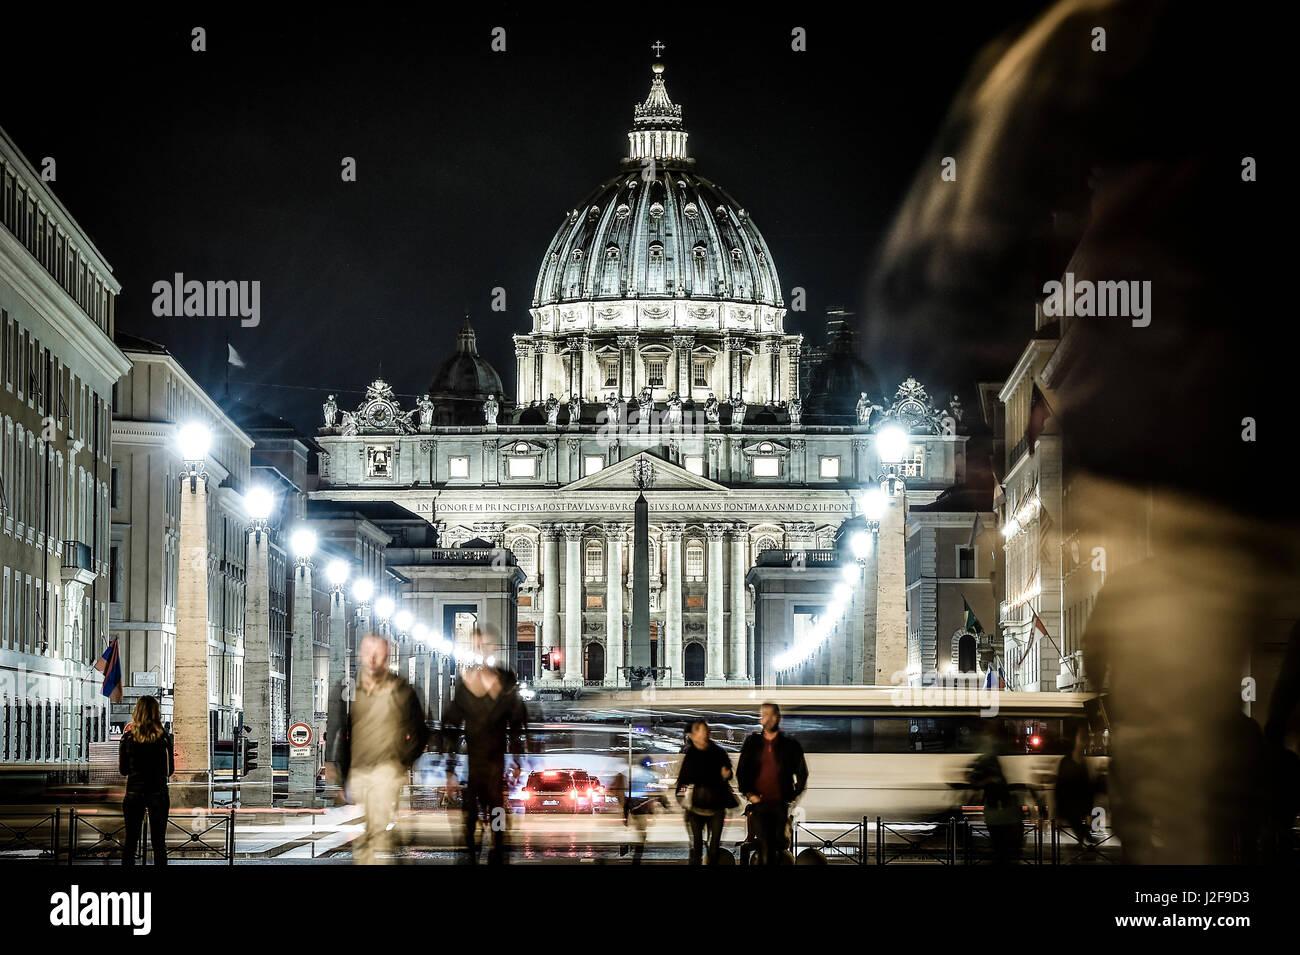 Voir l'illuminé de Basilique Saint Pierre, rue Via della Conciliazione et légèreté des voitures Photo Stock